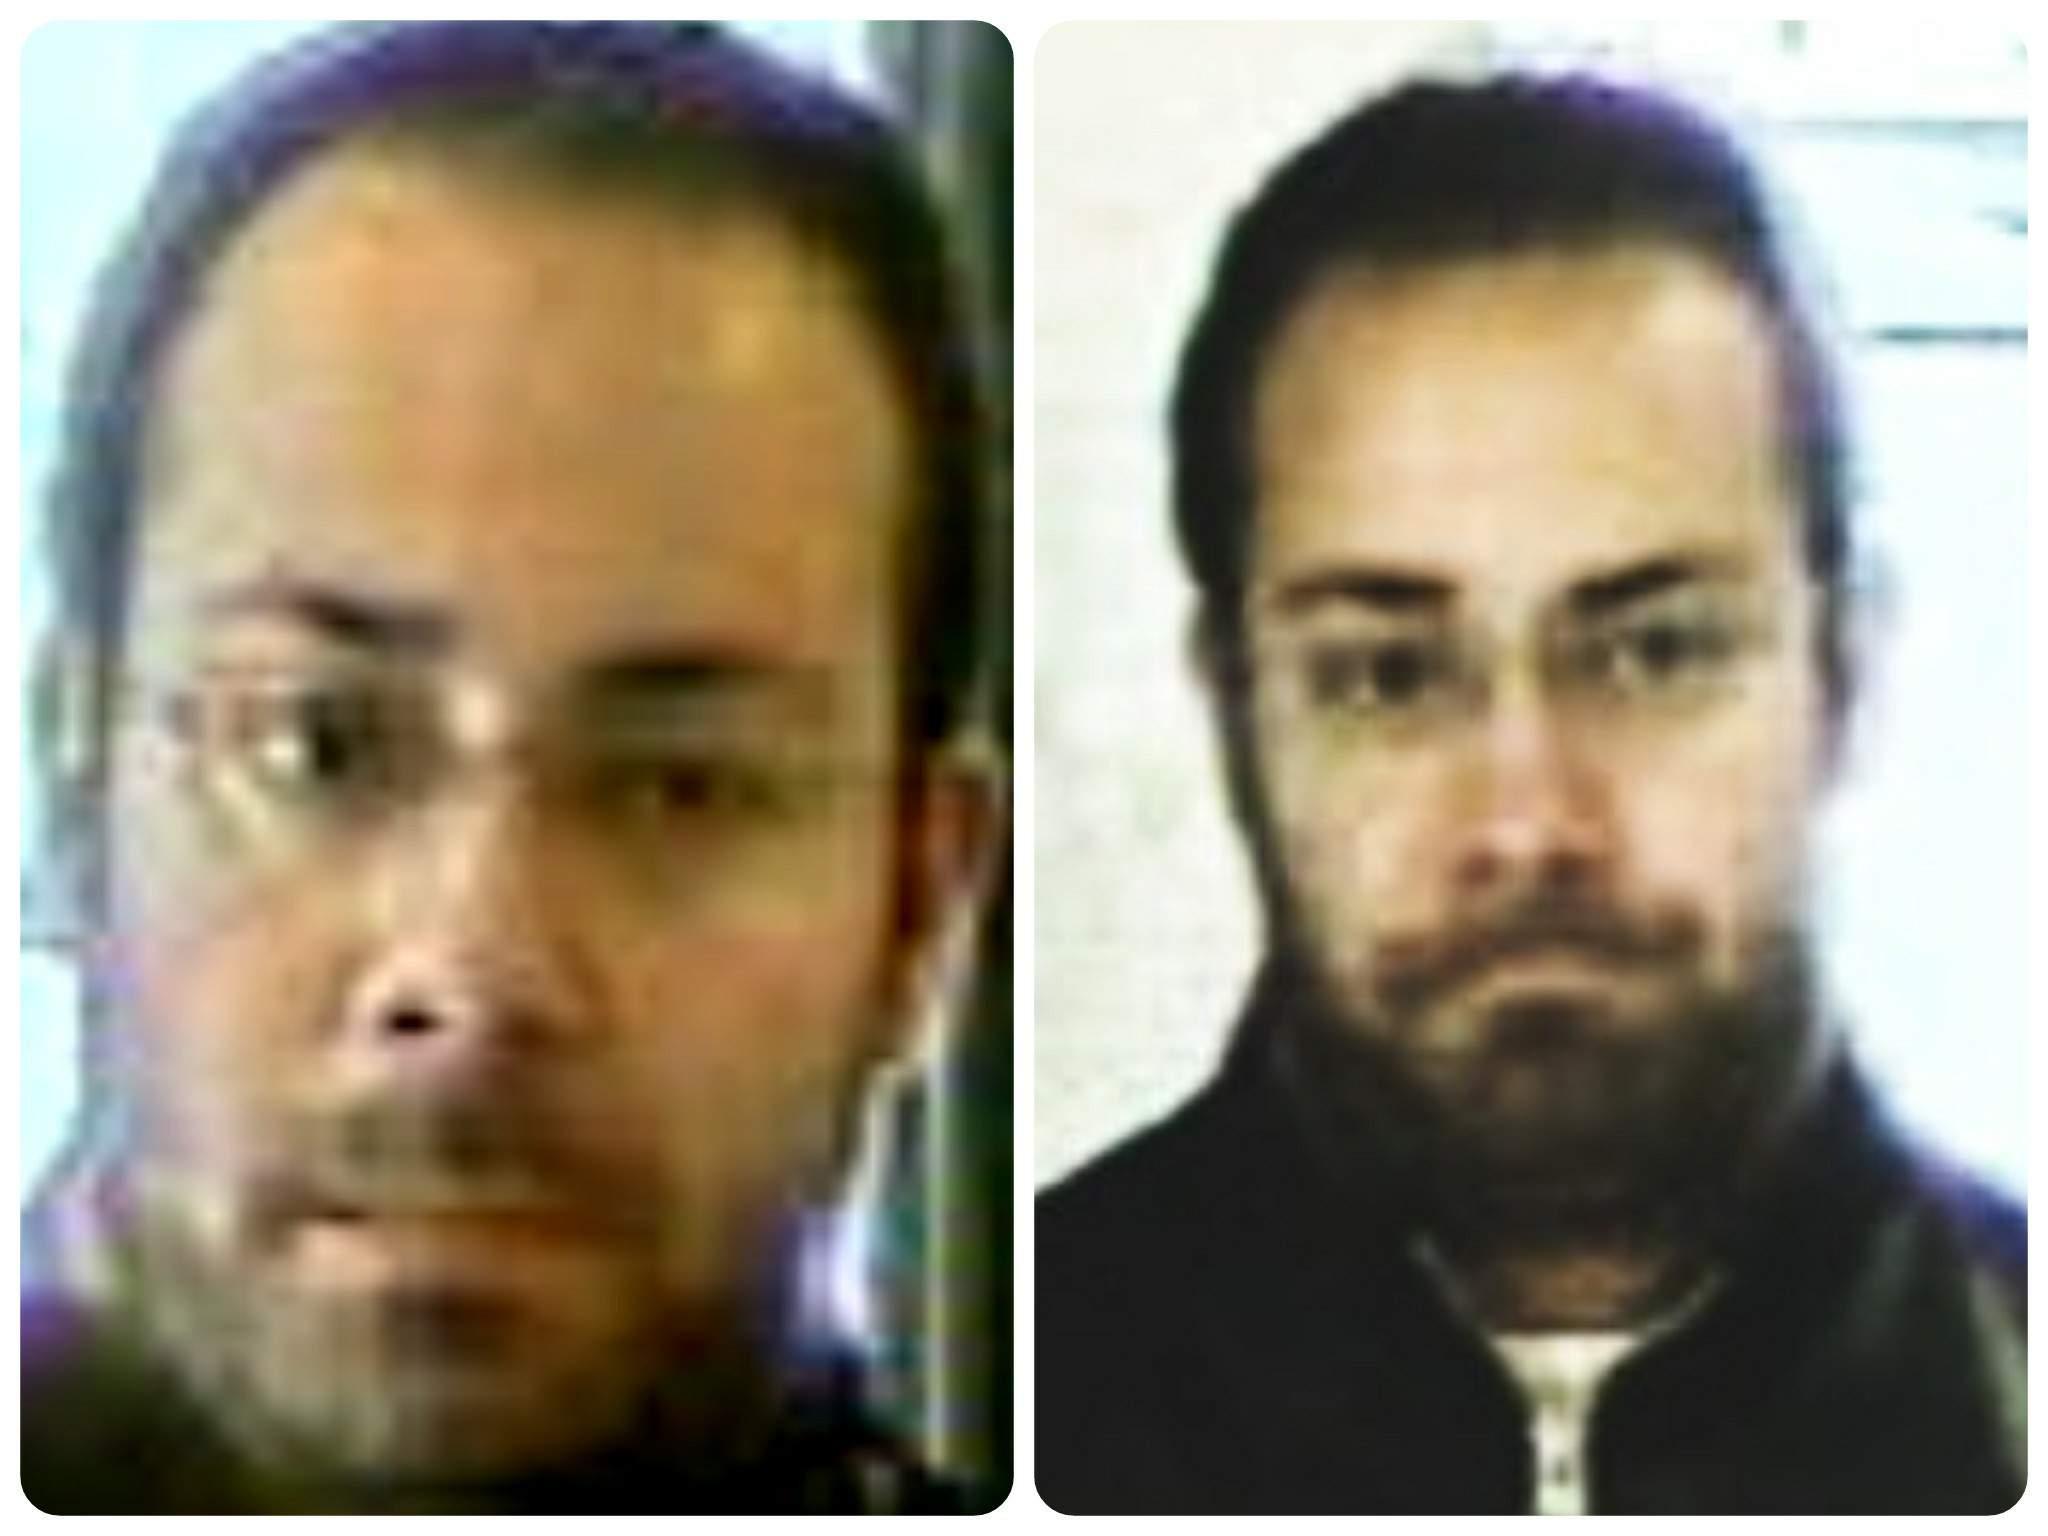 #WANTED autor de 8 robos con intimidación en el sur de Madrid. Si lo ves LLÁMANOS!!! 913223422 / 913223423 ó #091 http://t.co/bNq9pRpA1v